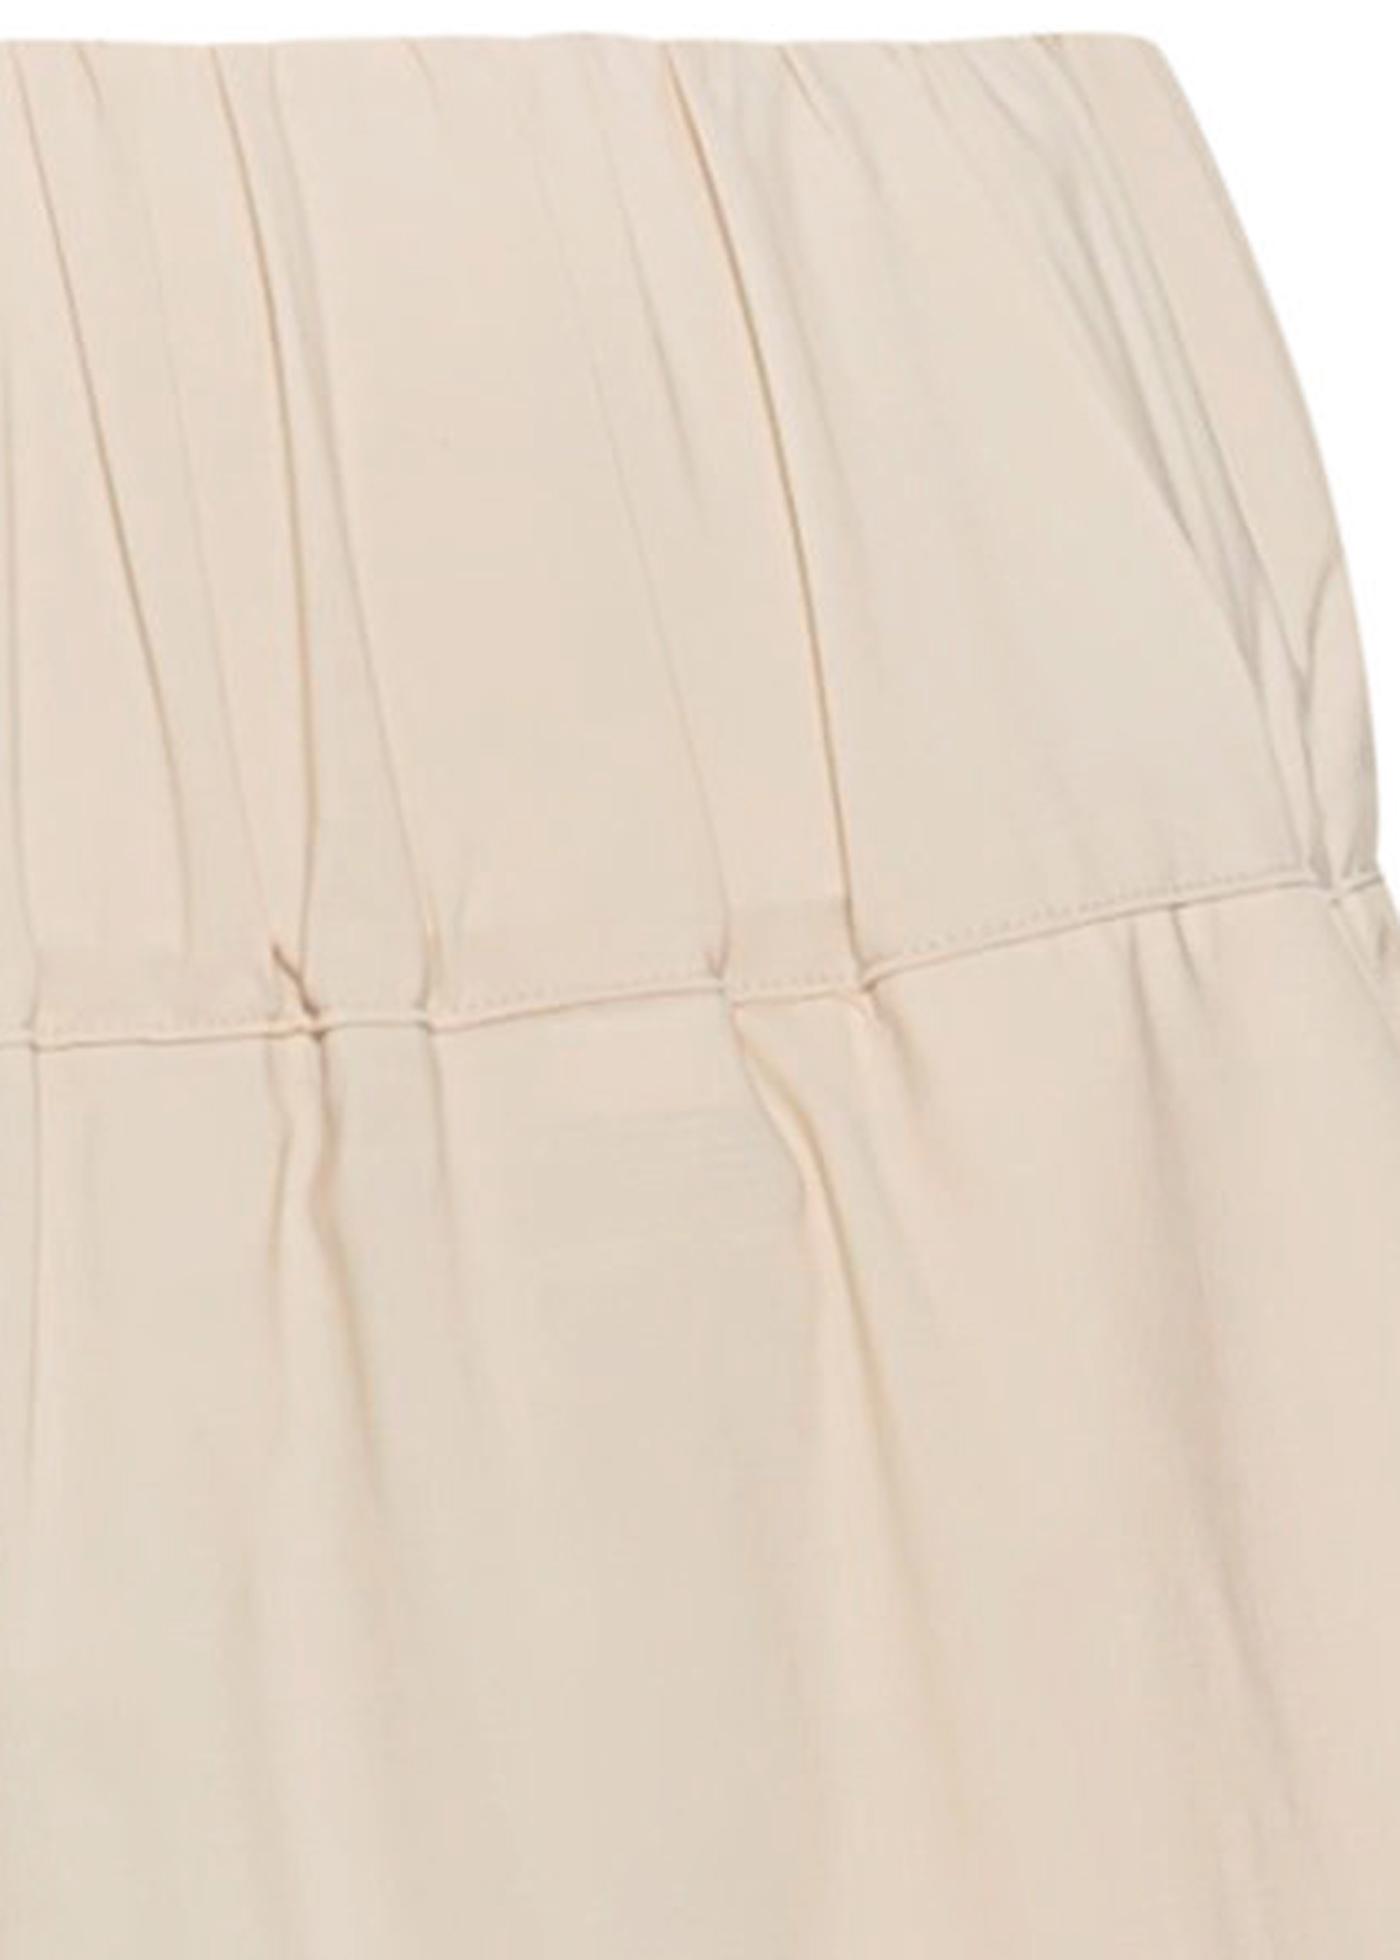 LUNA Shorts image number 2